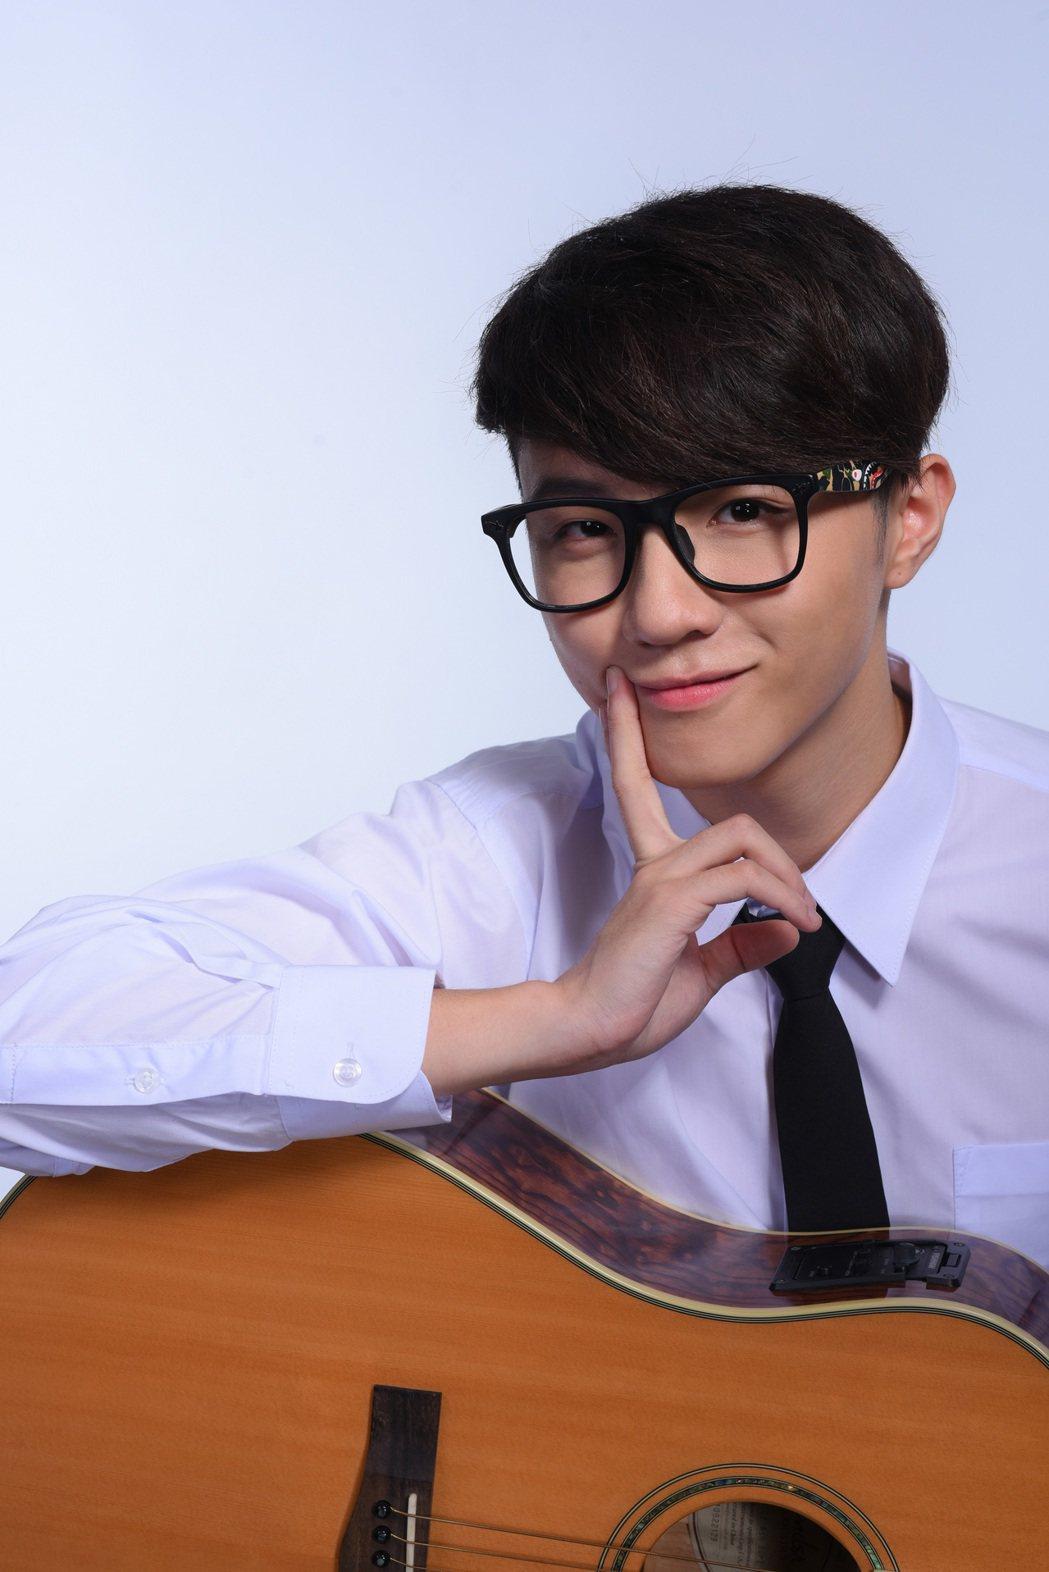 蘇一晉在11月3日發行了自己創作的全新數位單曲「雕像」。圖/浩鋒娛樂提供